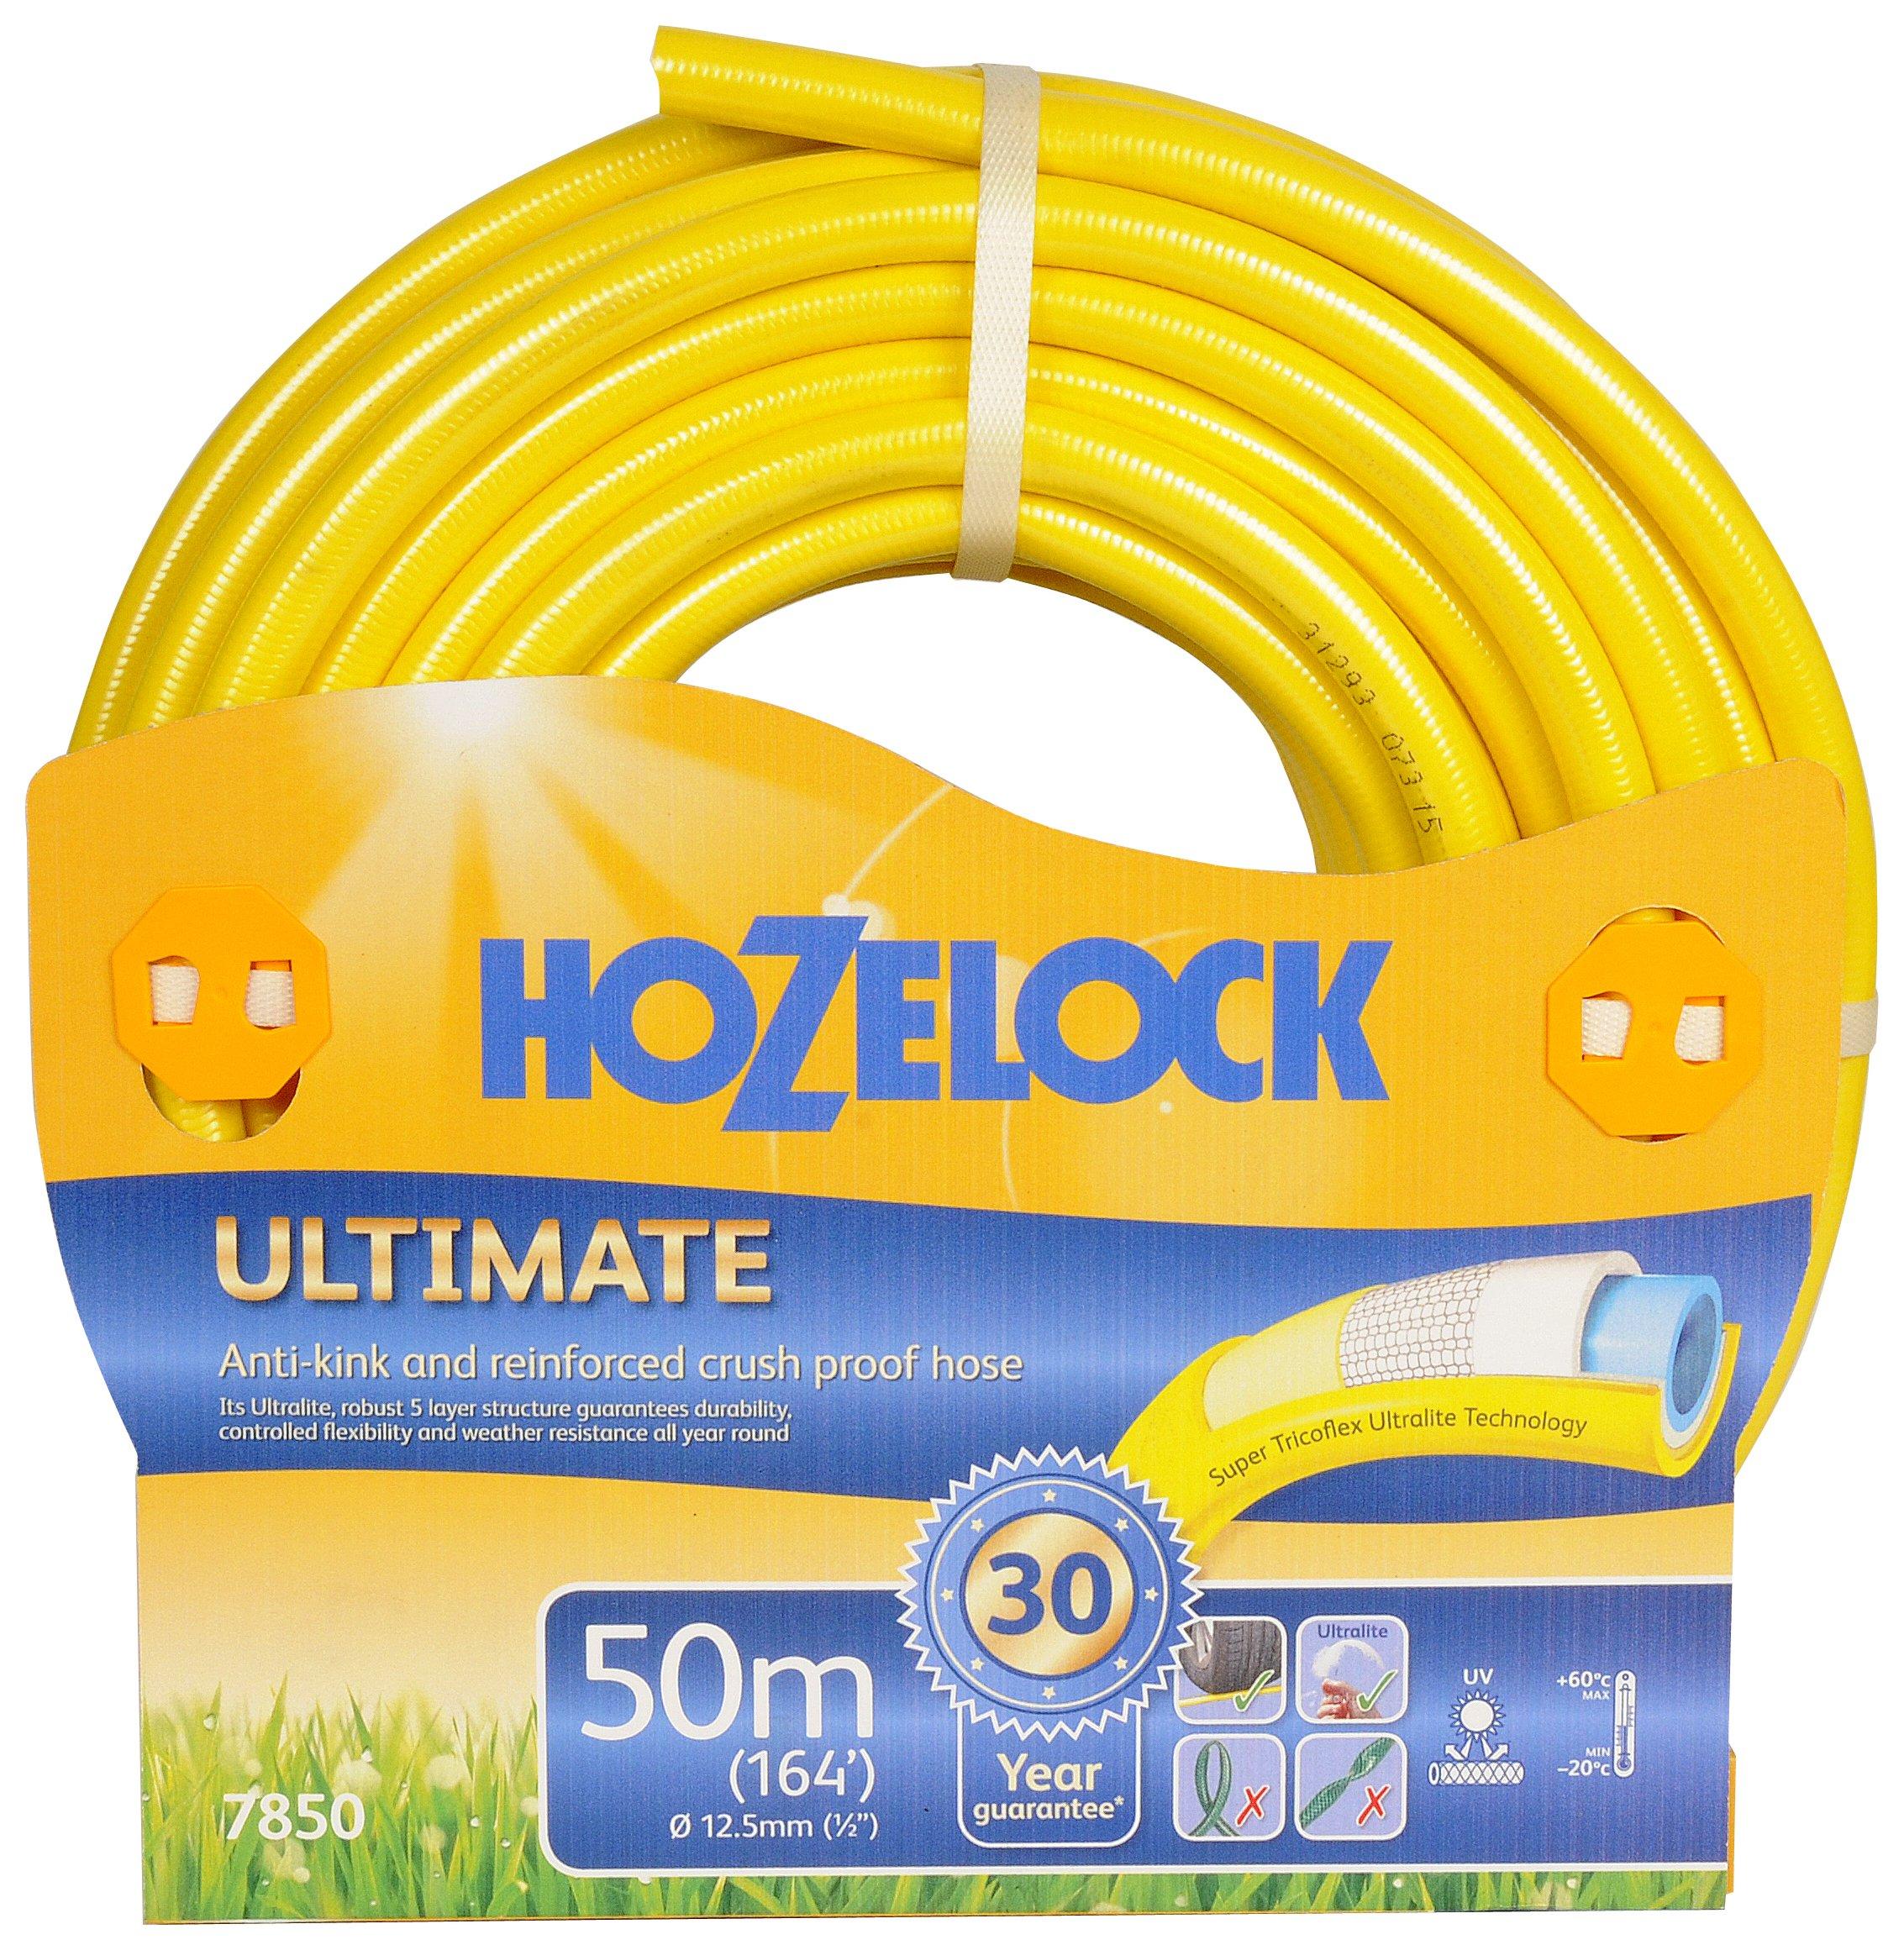 Image of Hozelock 50m Ultimate Hose.